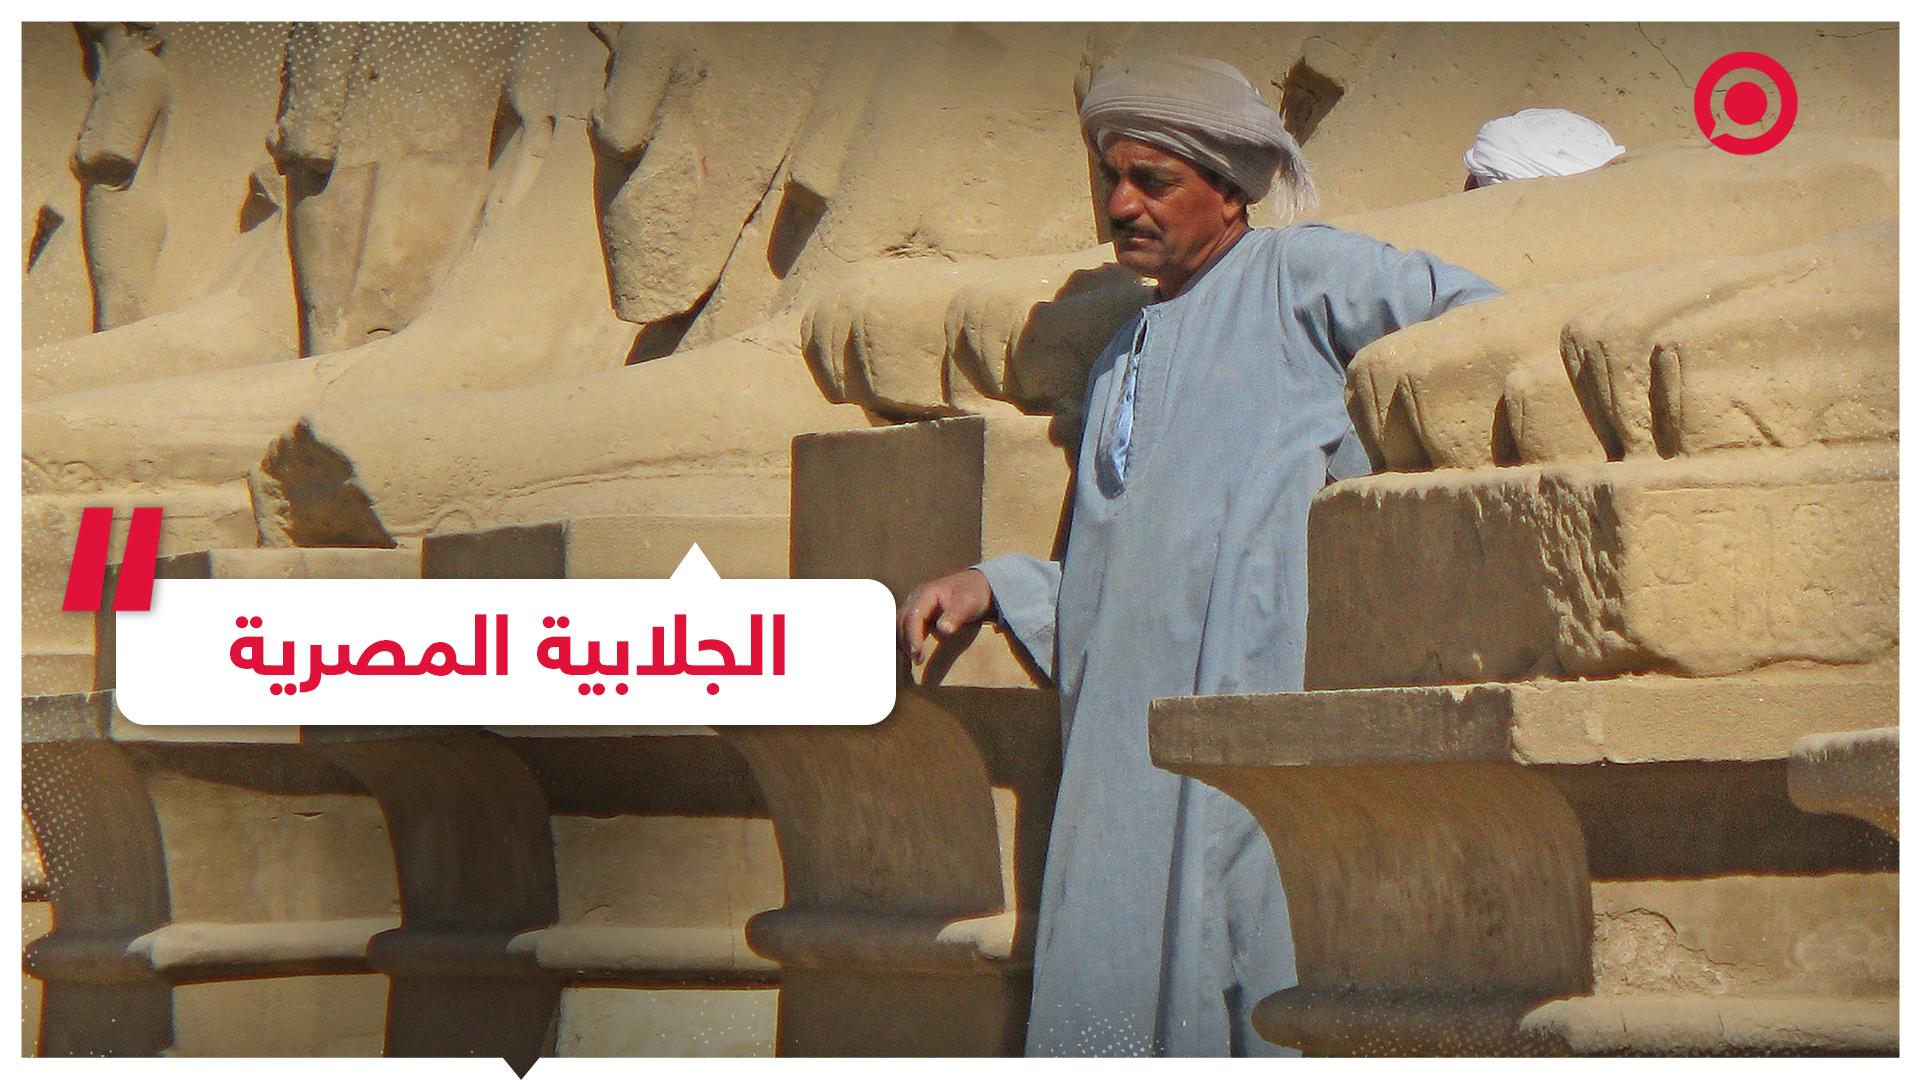 الجلابية المصرية تشعل ساحات مواقع التواصل الاجتماعي